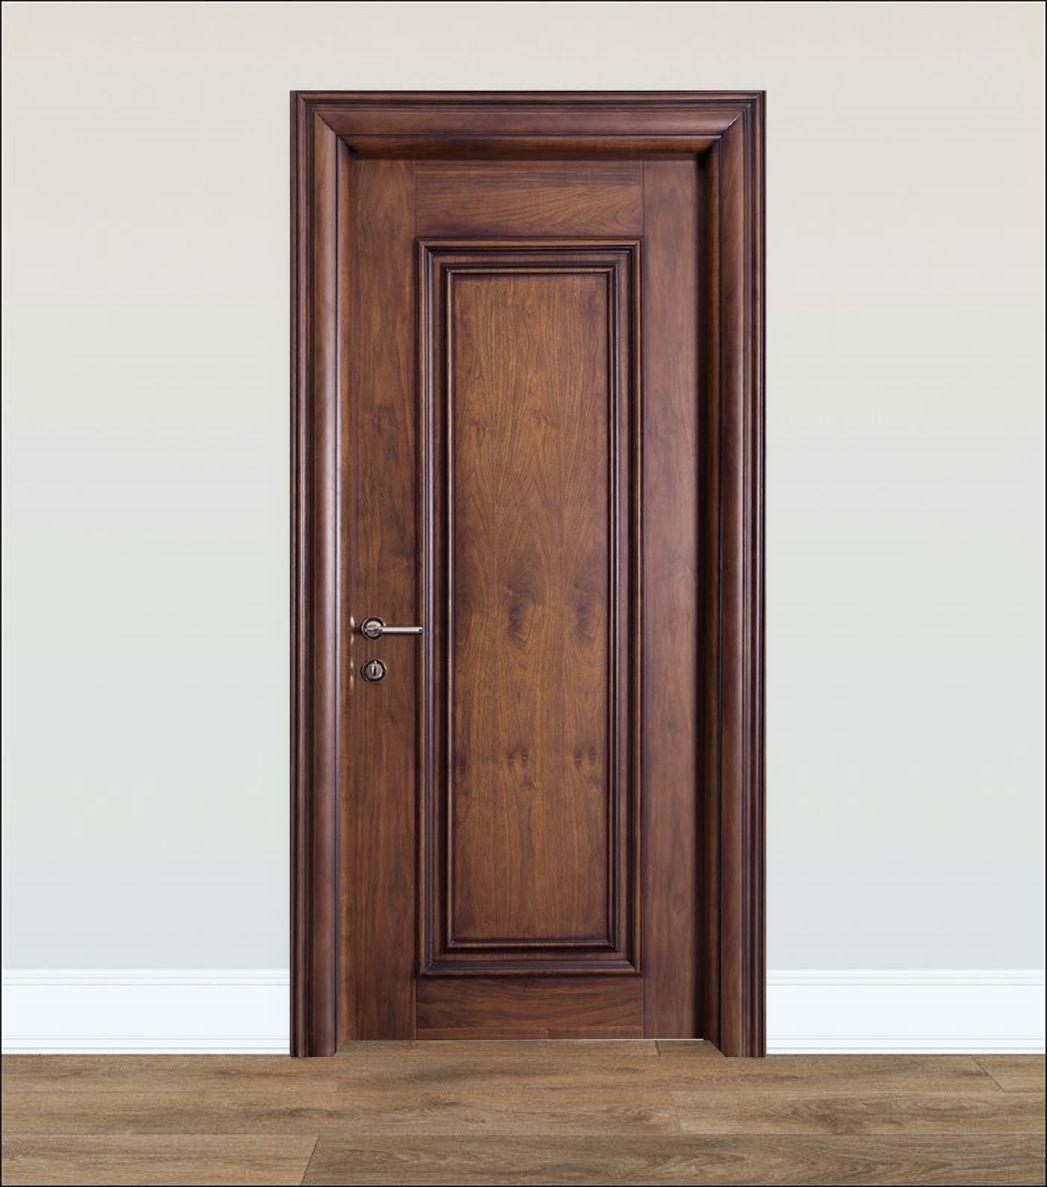 Doğal Ahşap Kaplamalı Kapı